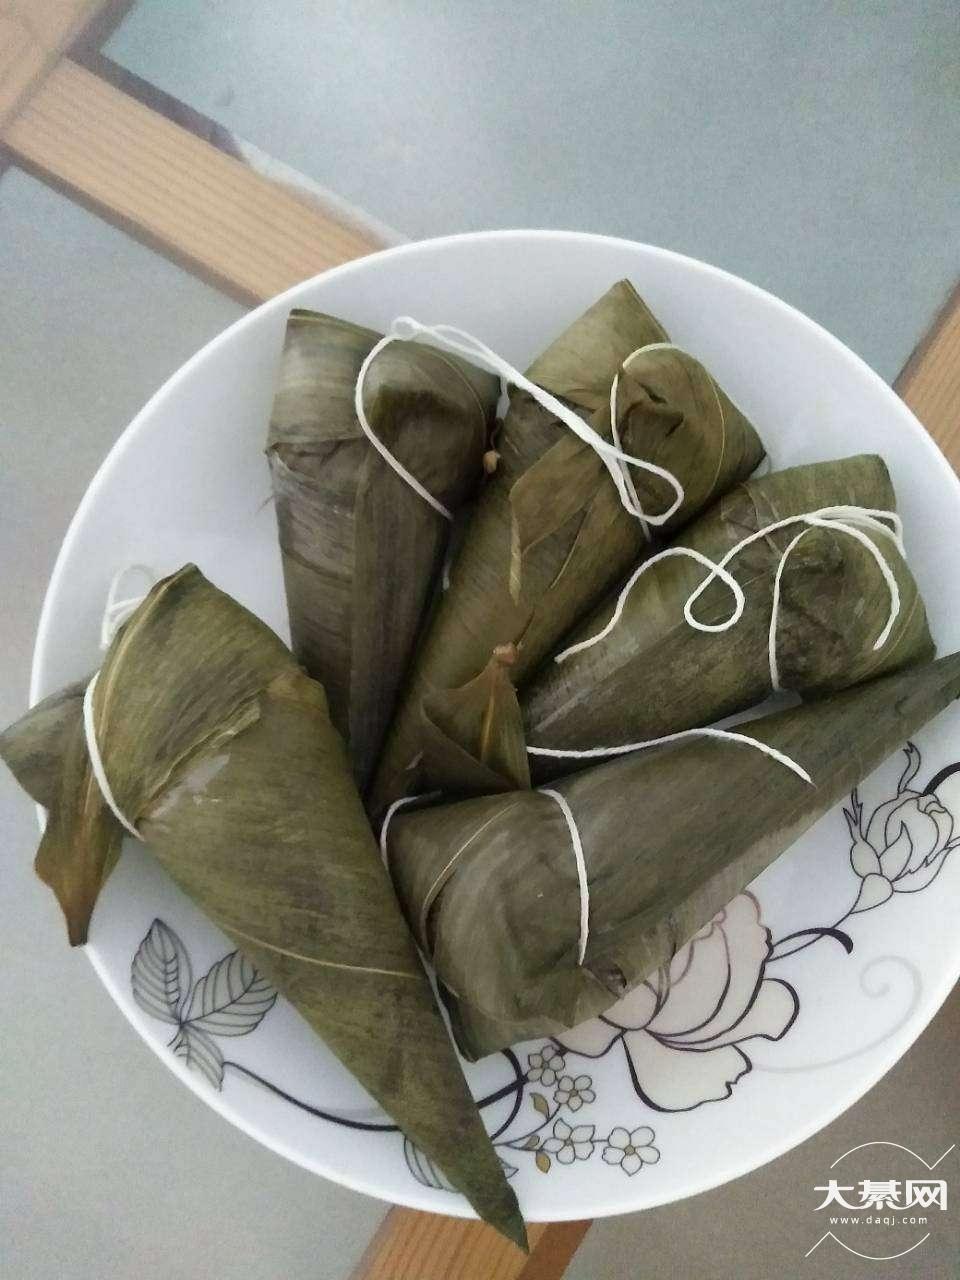 我还是比较喜欢吃长粽子,你们中午吃的啥